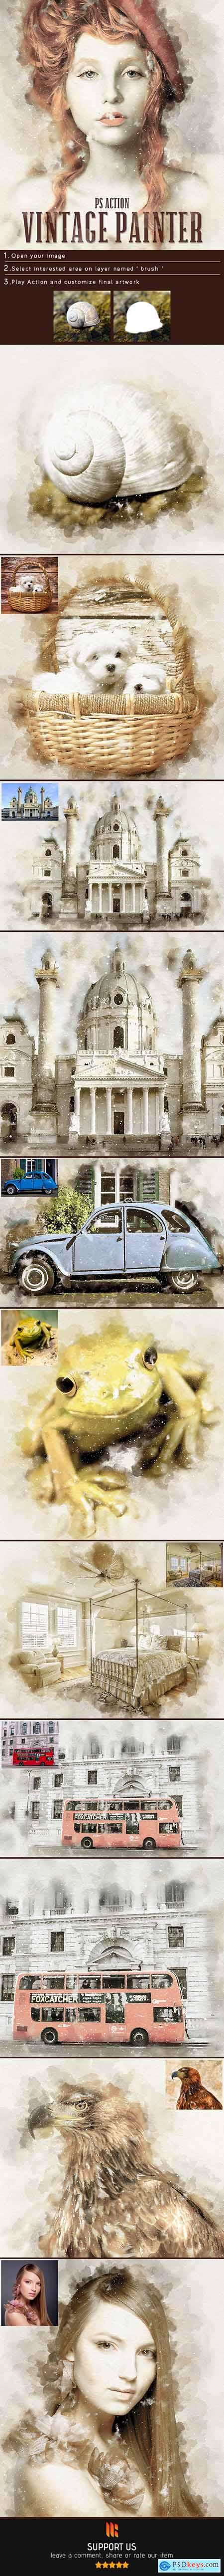 Vintage Painter Photoshop Action 24926944